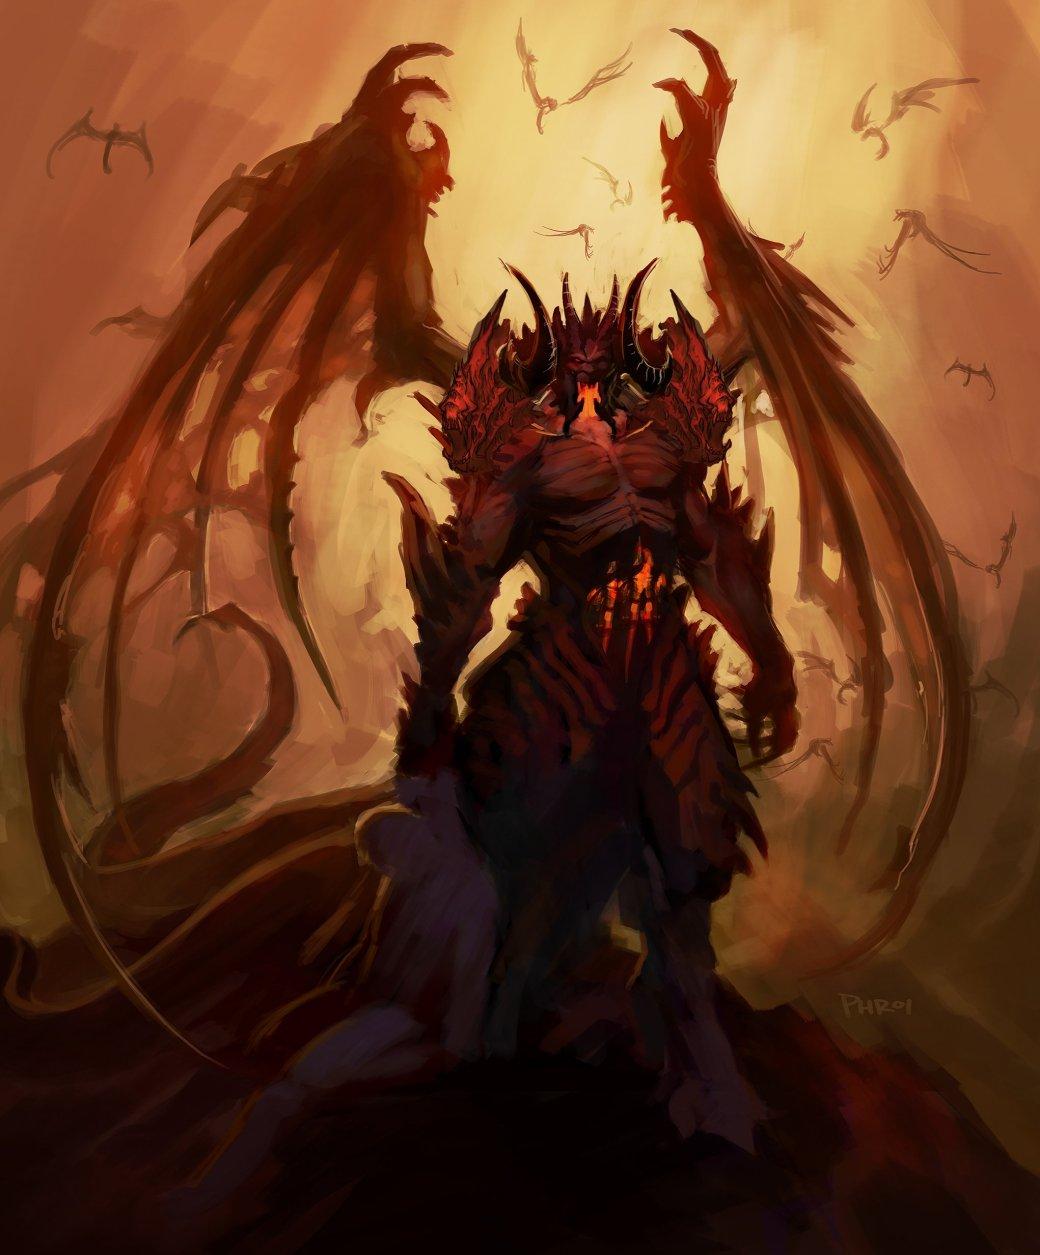 Эксклюзивный арт Diablo III - Изображение 14